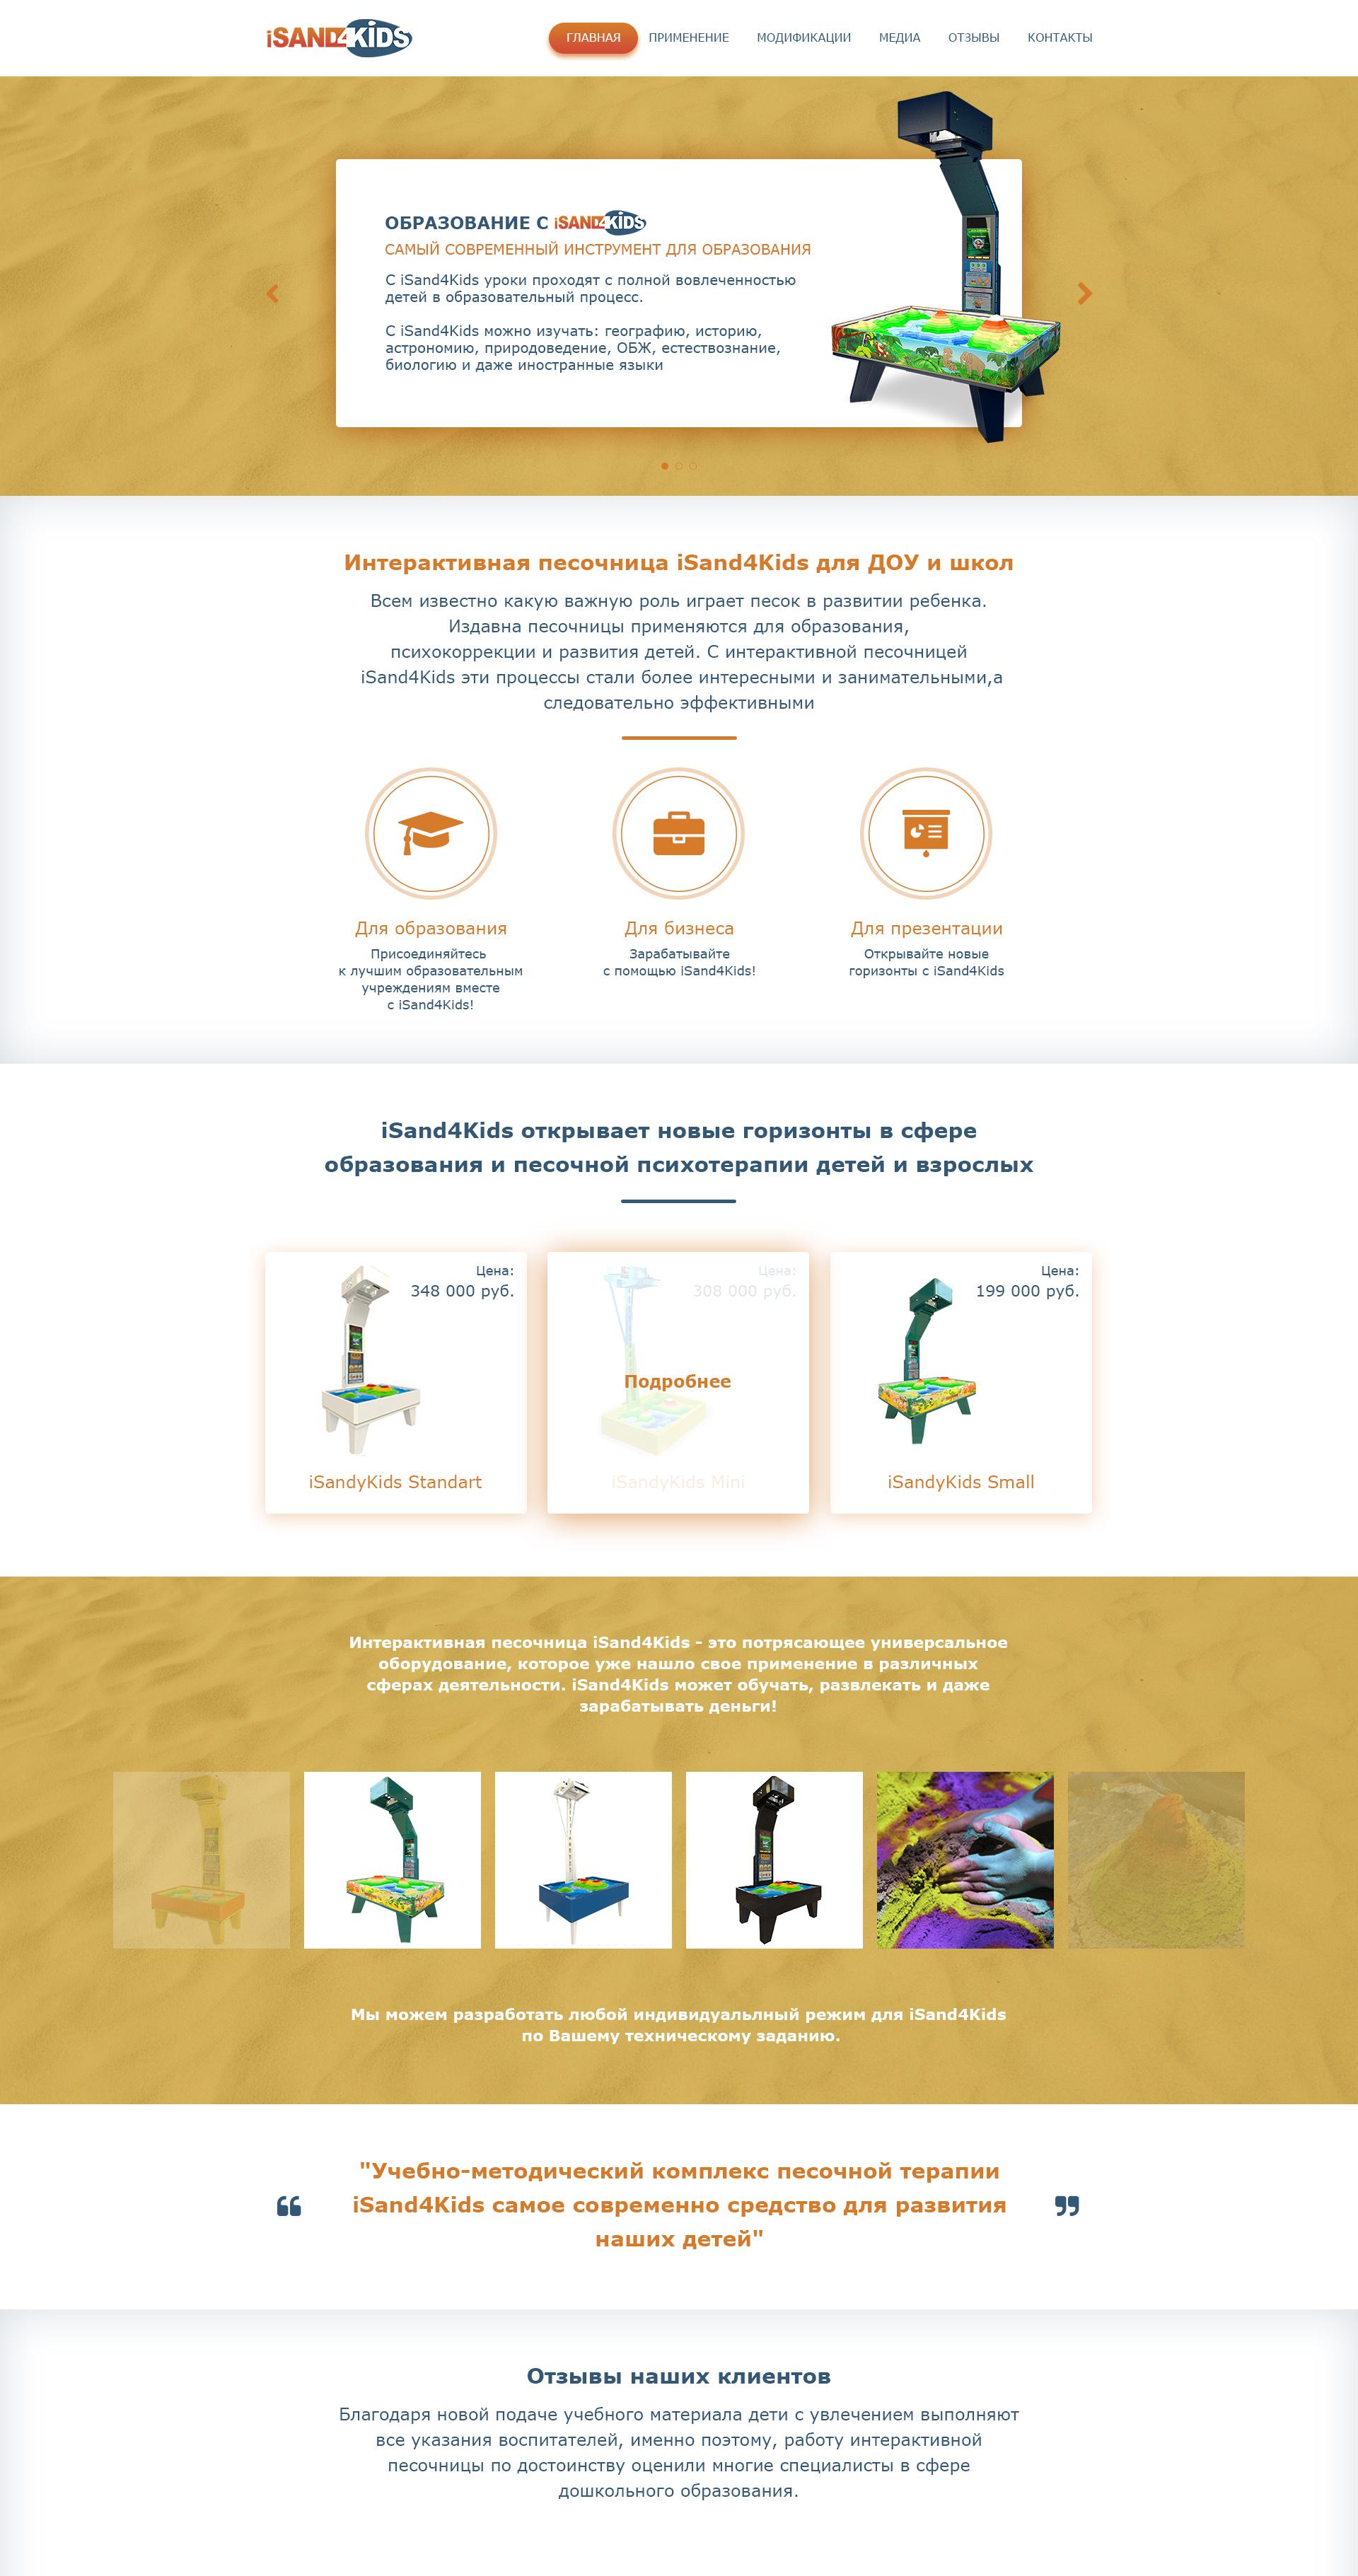 Редизайн сайтов (выбираем исполнителя постоянной основе) фото f_3235a7cb3699e40d.jpg